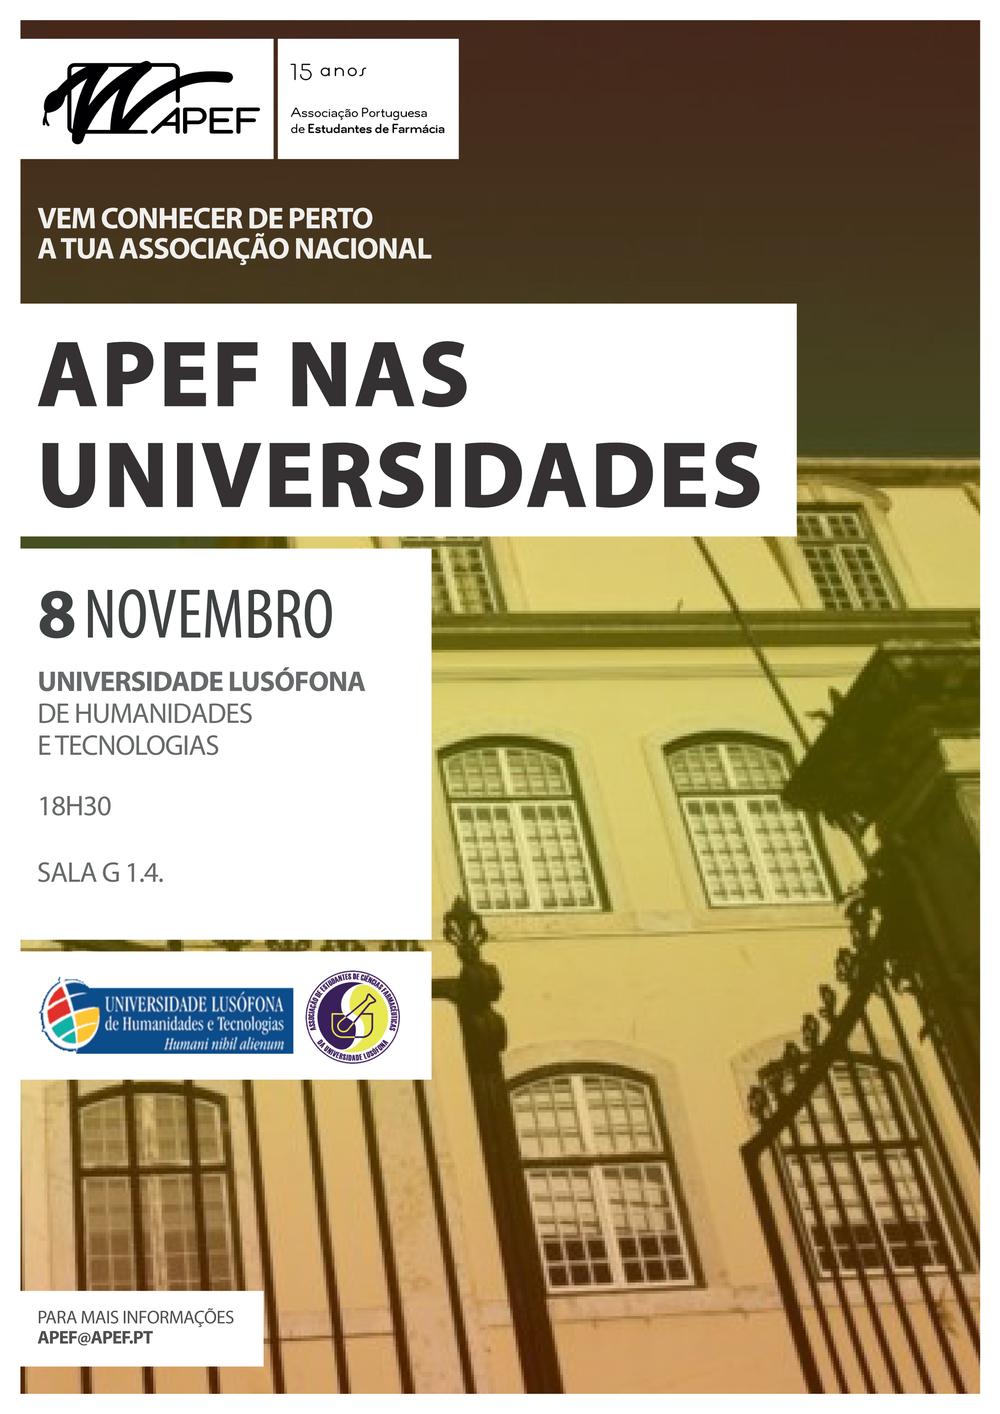 APEF nas Universidades - Lusófona.jpg